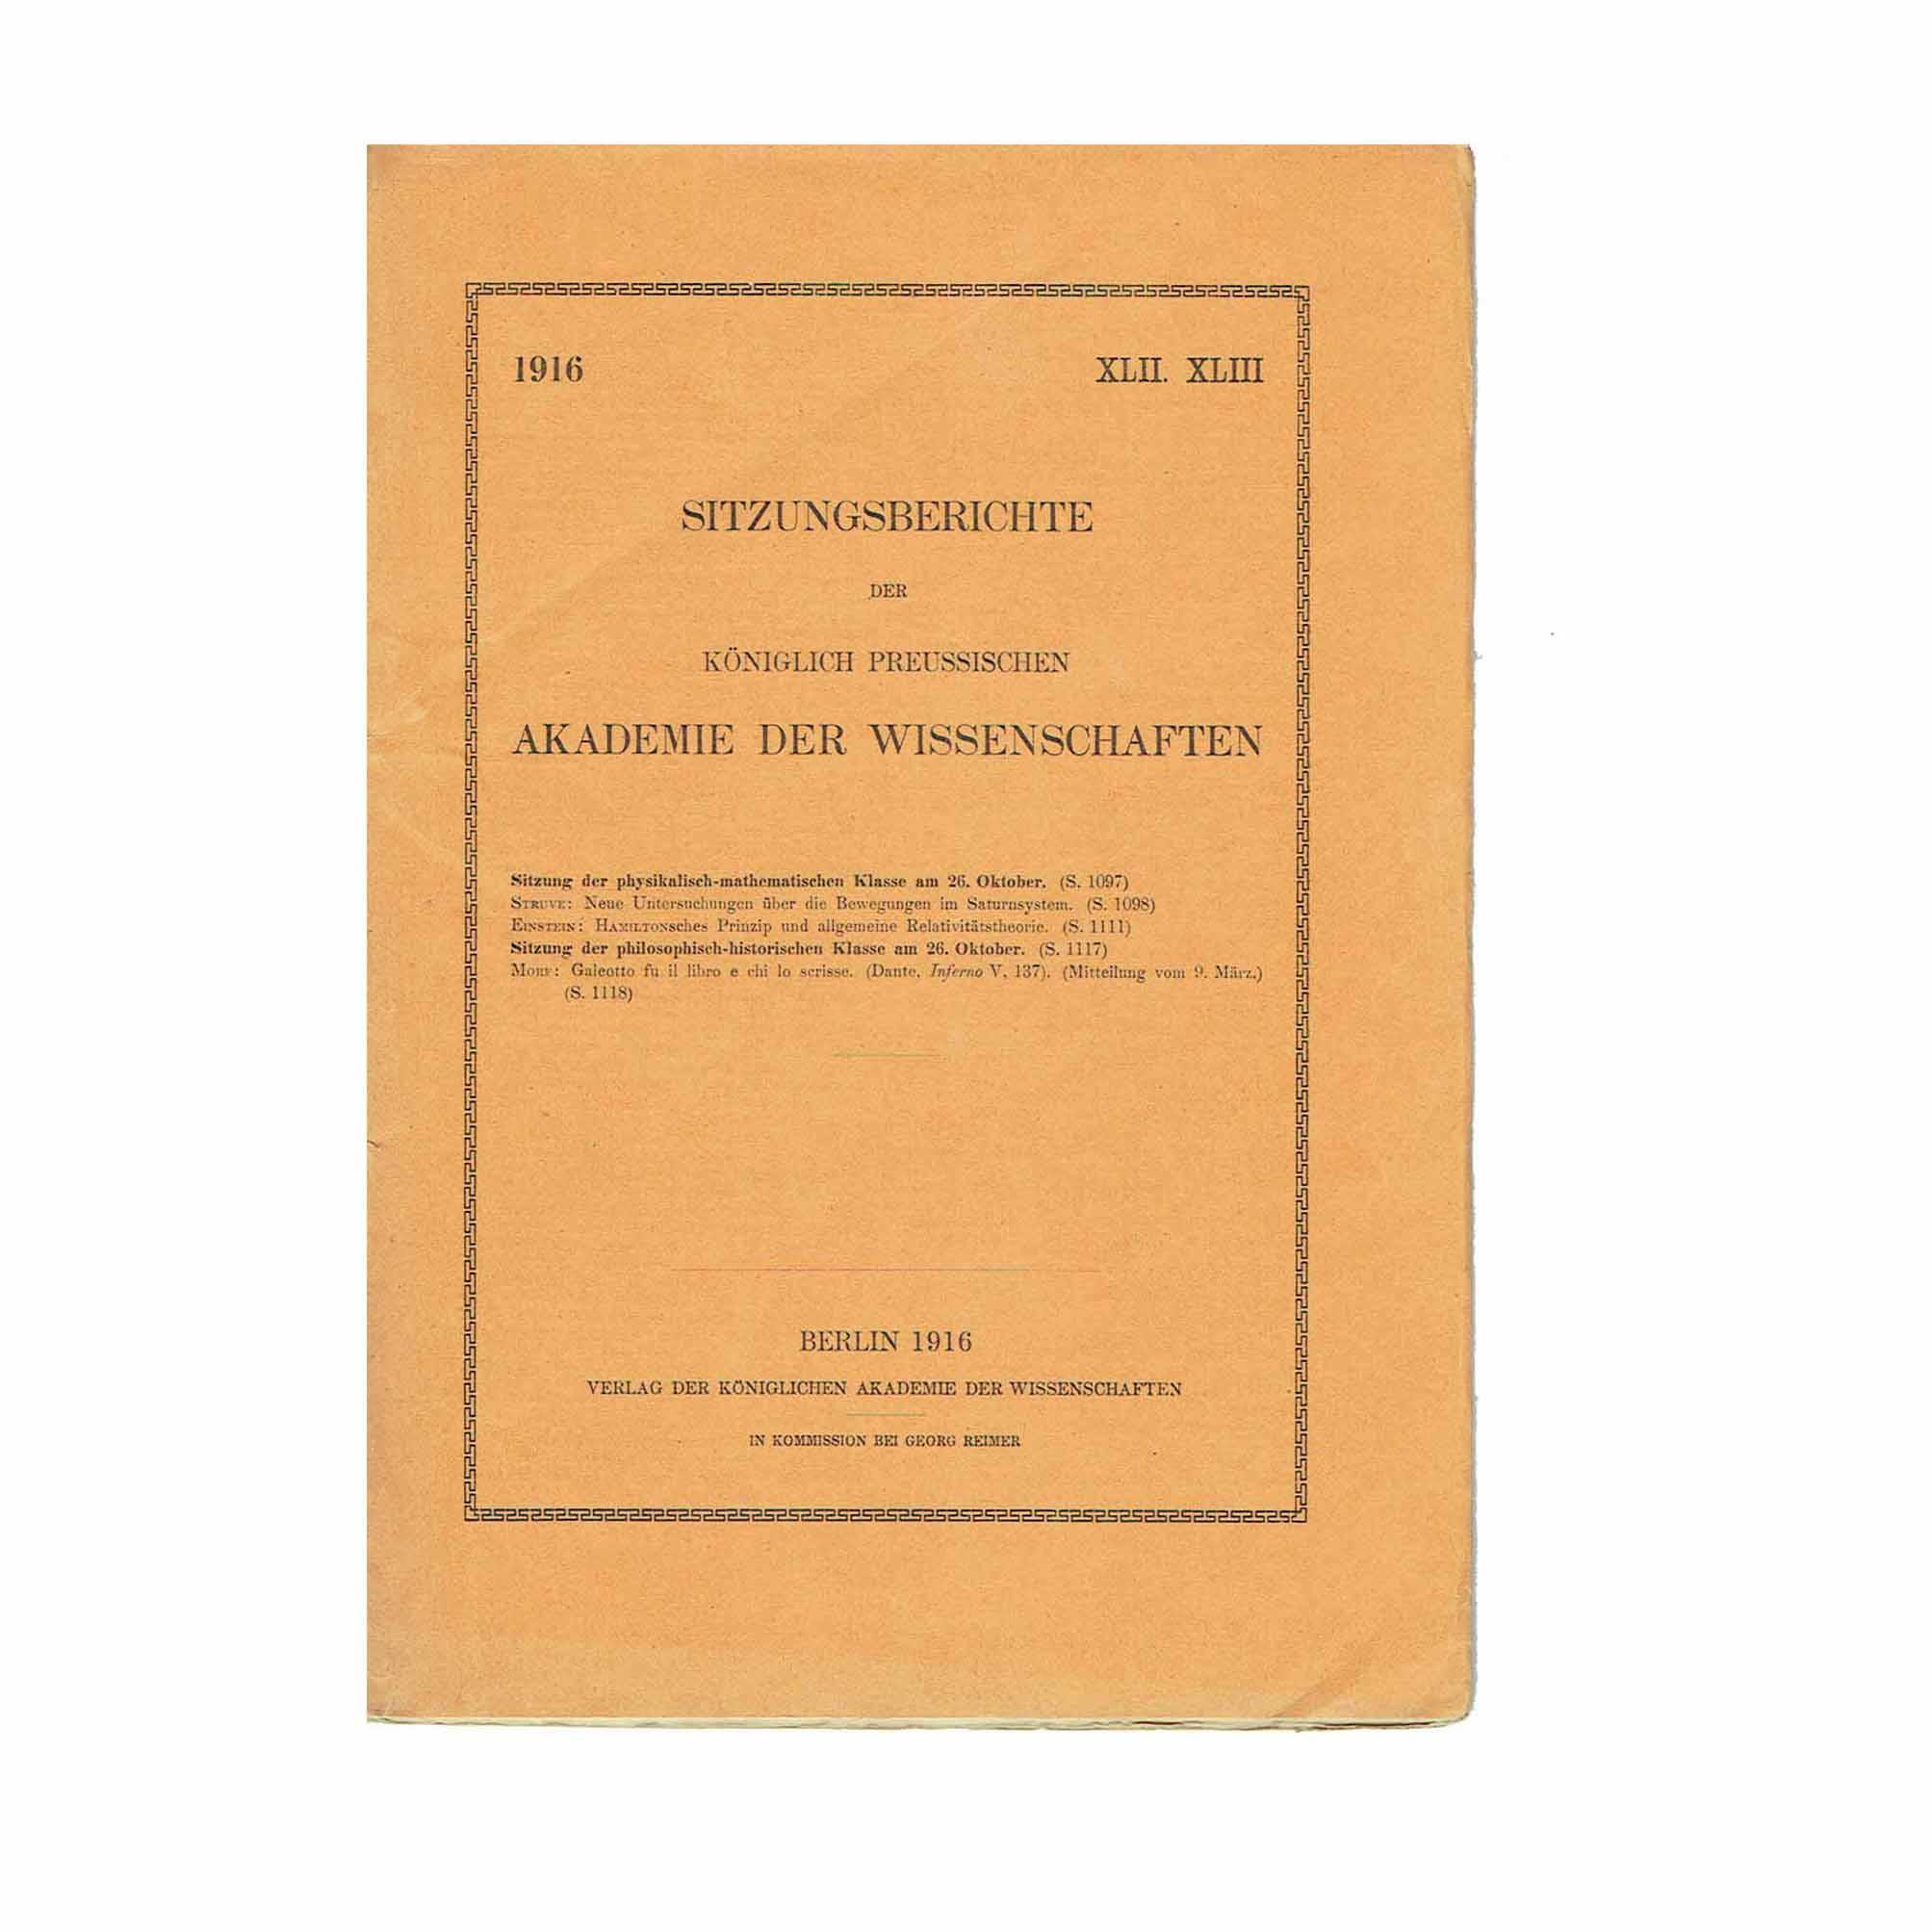 5716-Einstein-Hamilton-Akademie-XLIII-1916-Cover-recto-free-N.jpeg